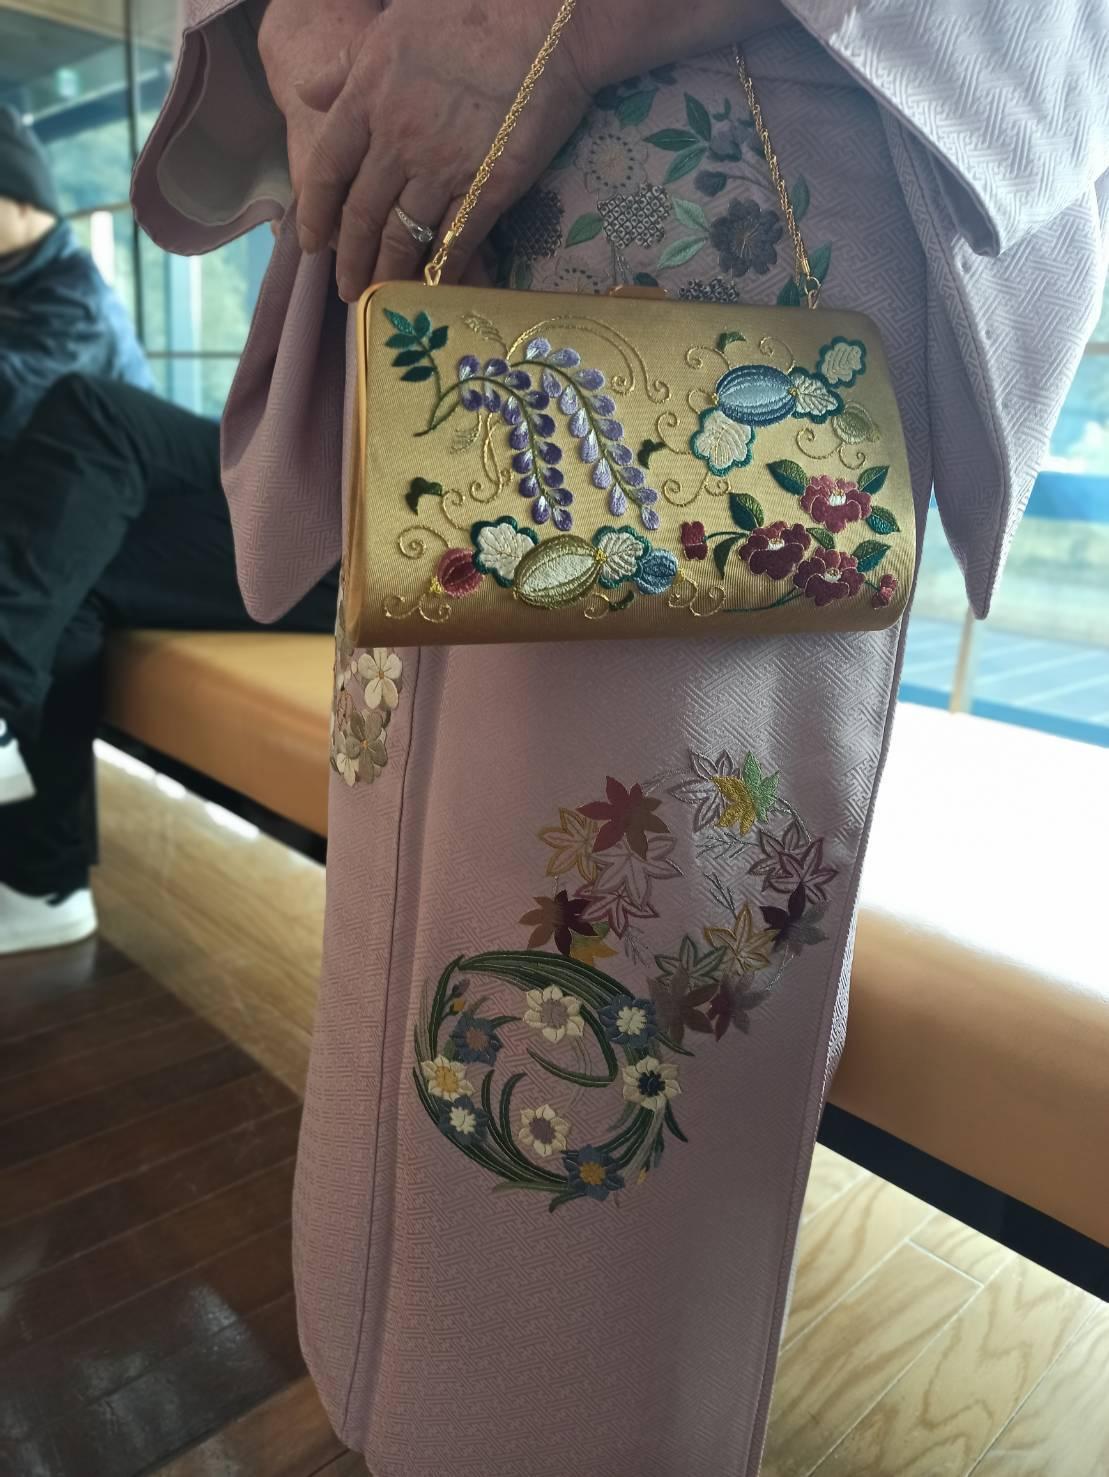 伝えて行きたい日本伝統の美《美知子お義母さんの日本刺繍》_a0157409_07215358.jpeg